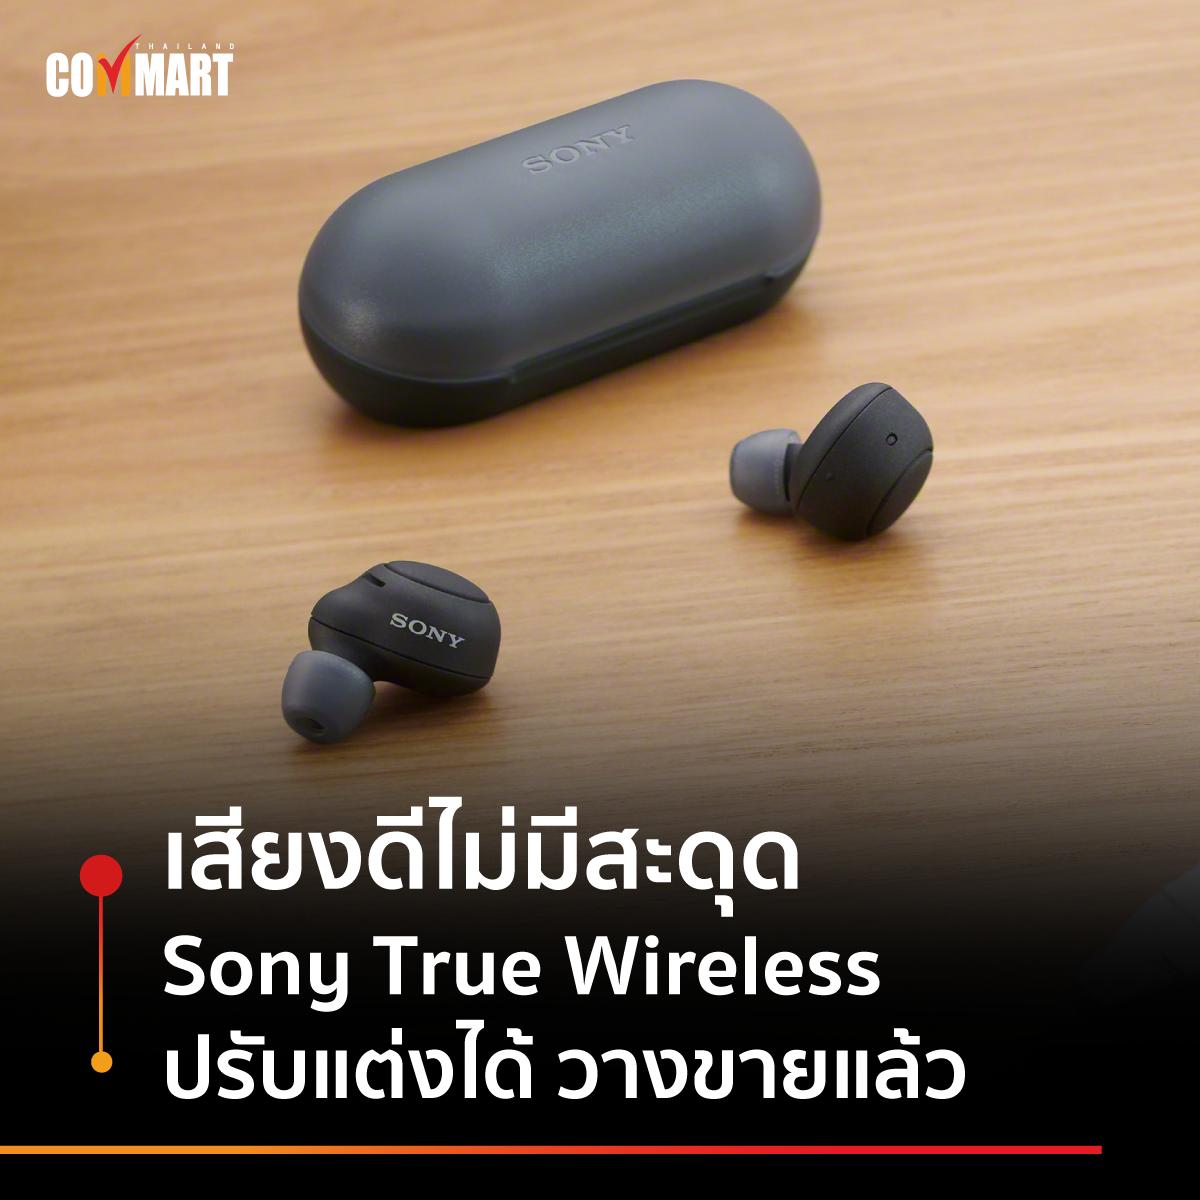 เสียงดีไม่มีสะดุด Sony True Wireless ปรับแต่งได้ วางขายแล้ว